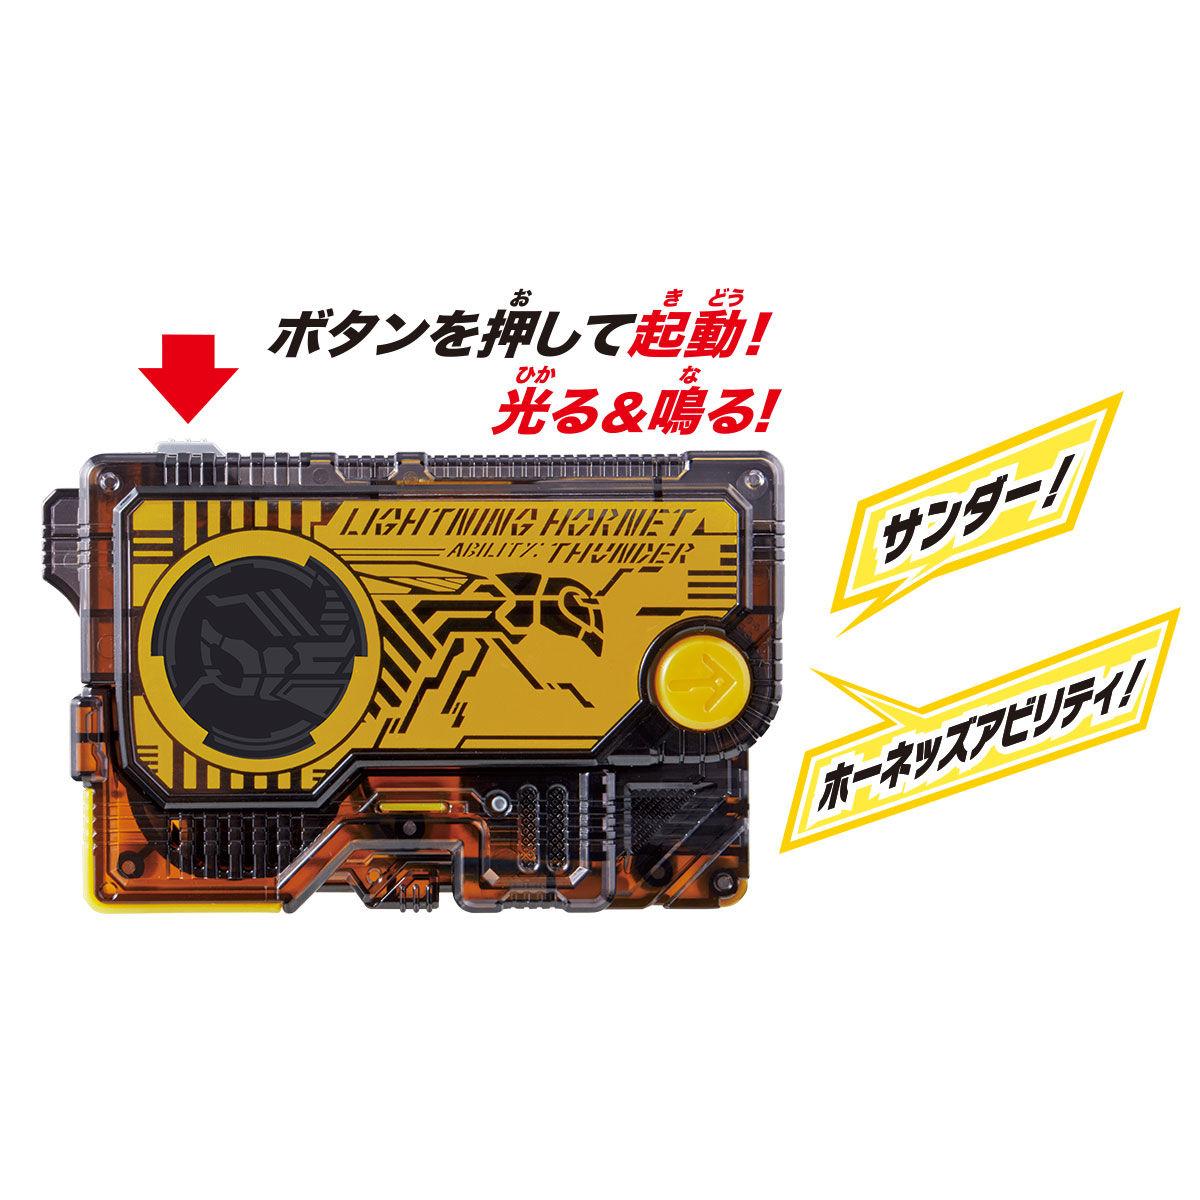 仮面ライダーゼロワン『DXライトニングホーネットプログライズキー』変身なりきり-006